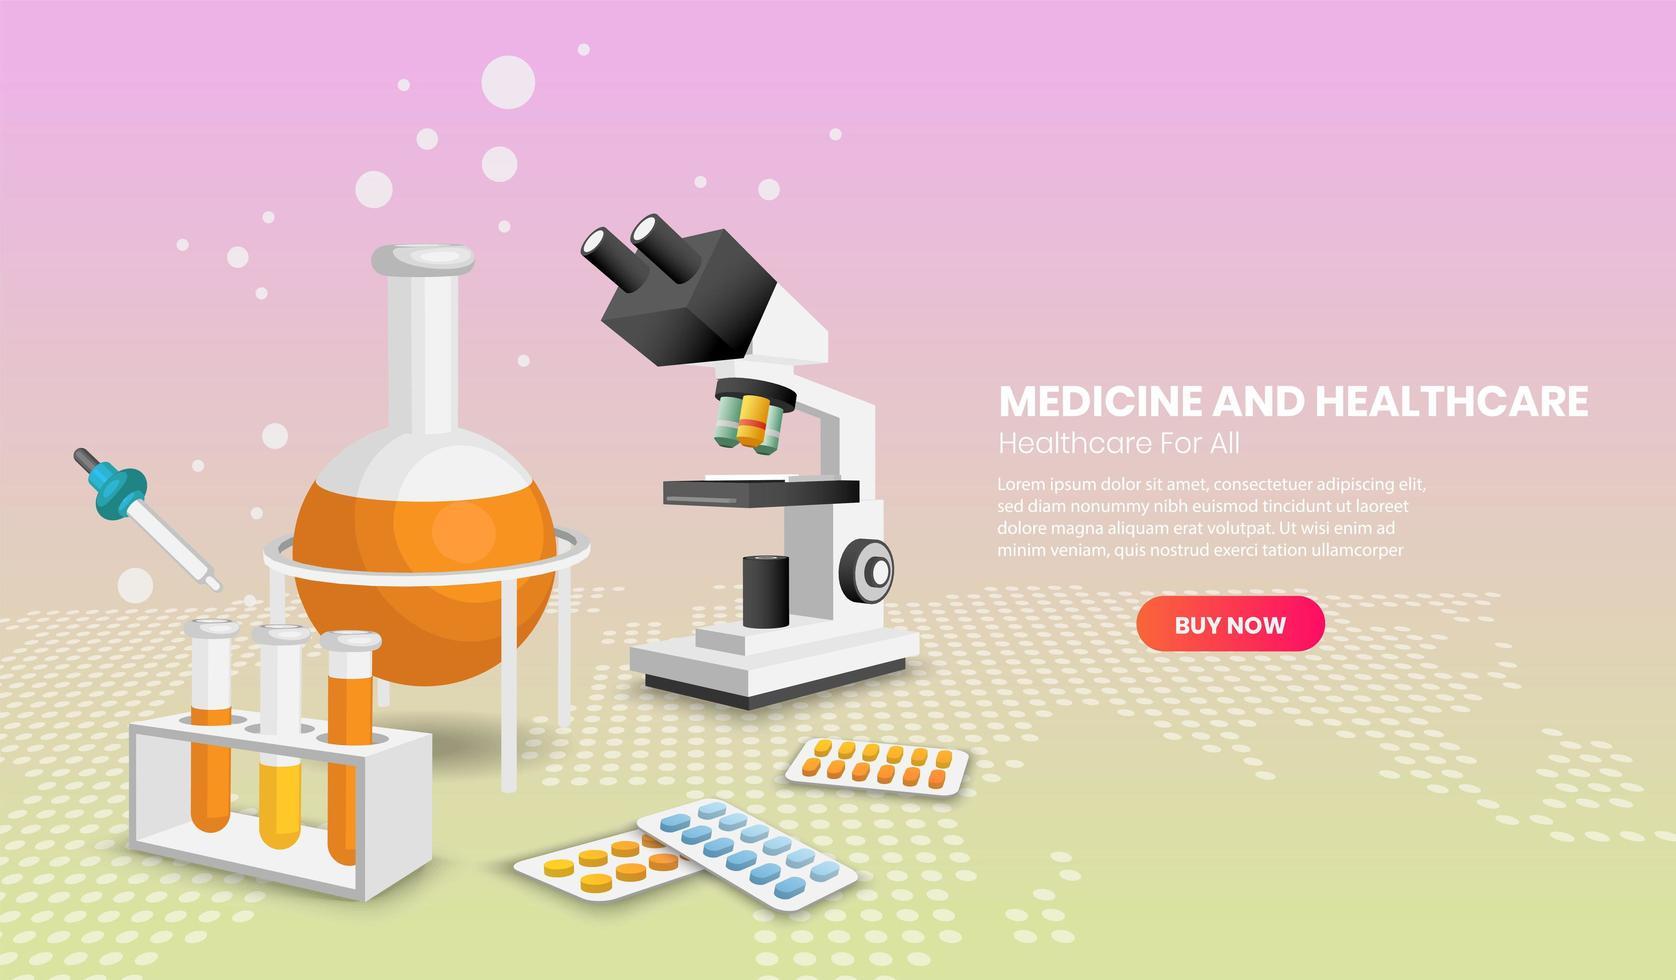 modelos de design de página da web de medicina e saúde vetor